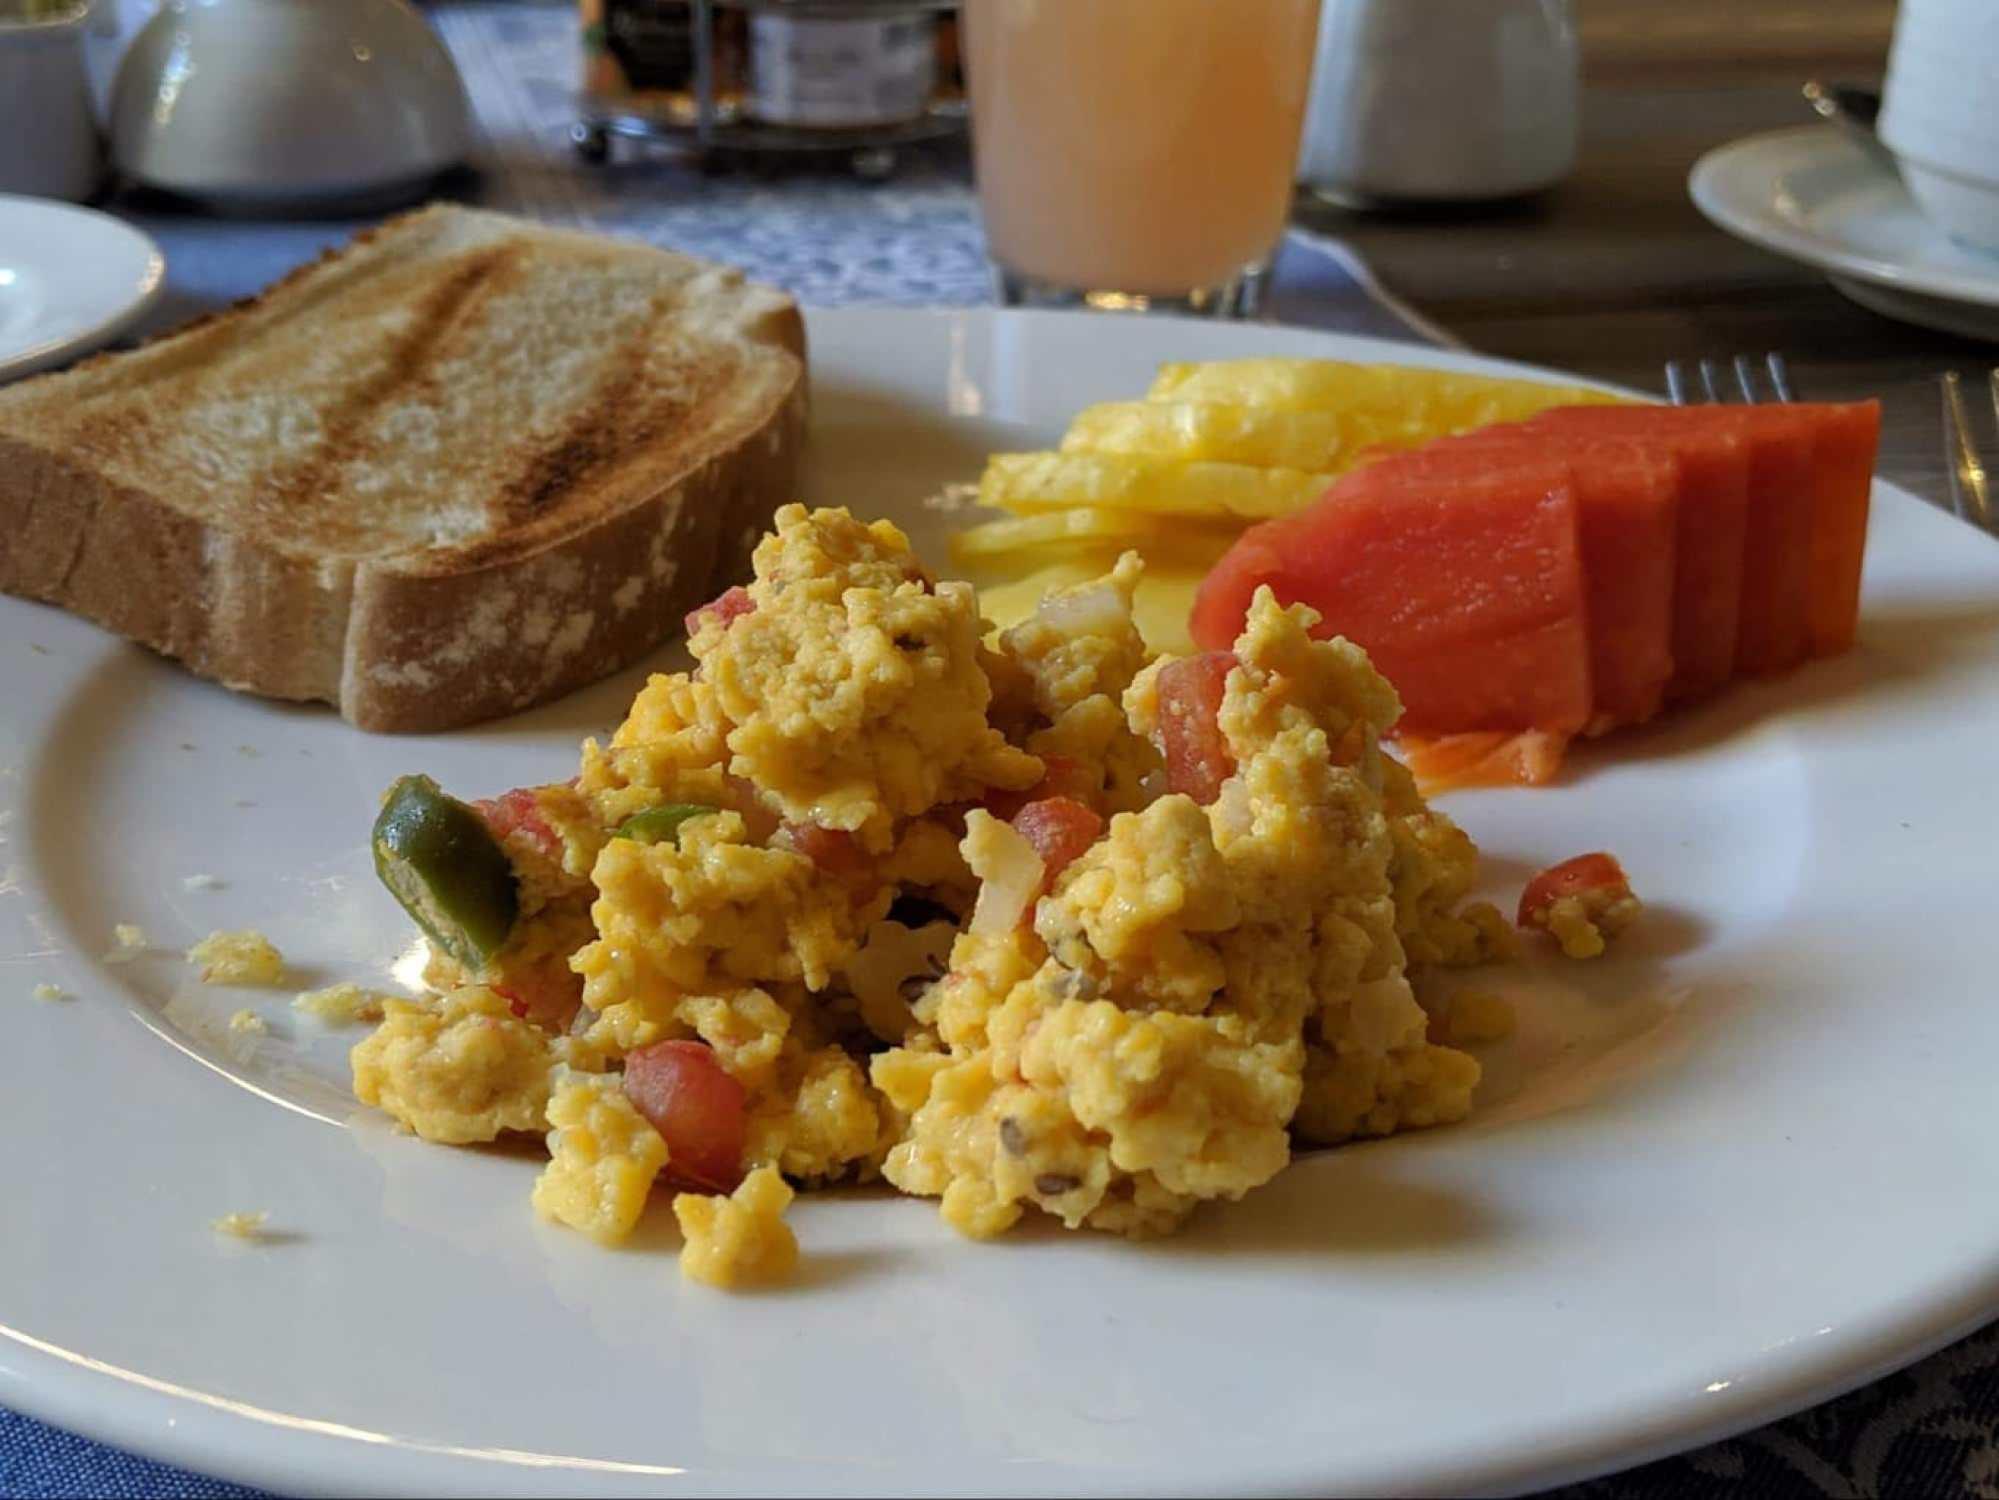 Huevos a la Mexicana, or Mexican scrambled eggs